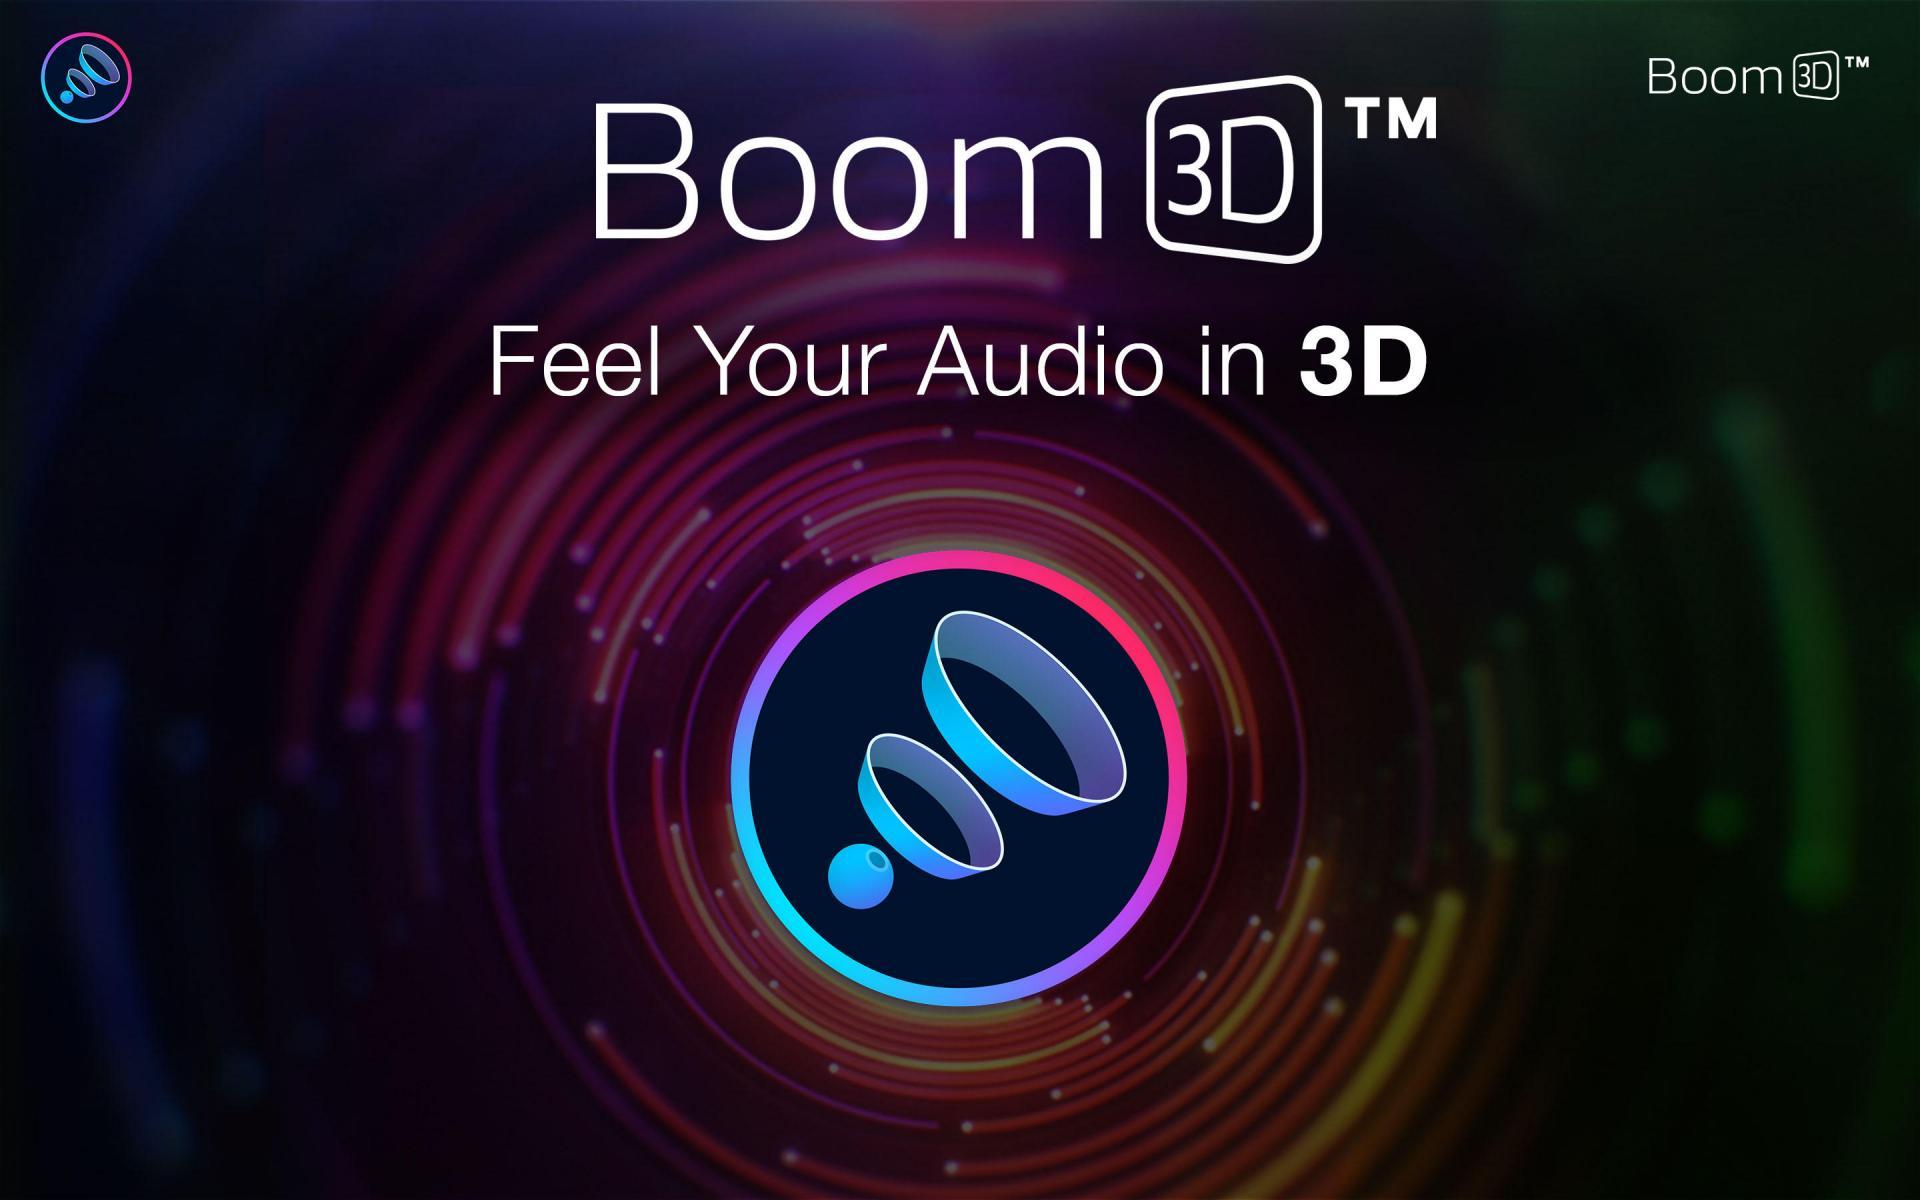 Boom 3D